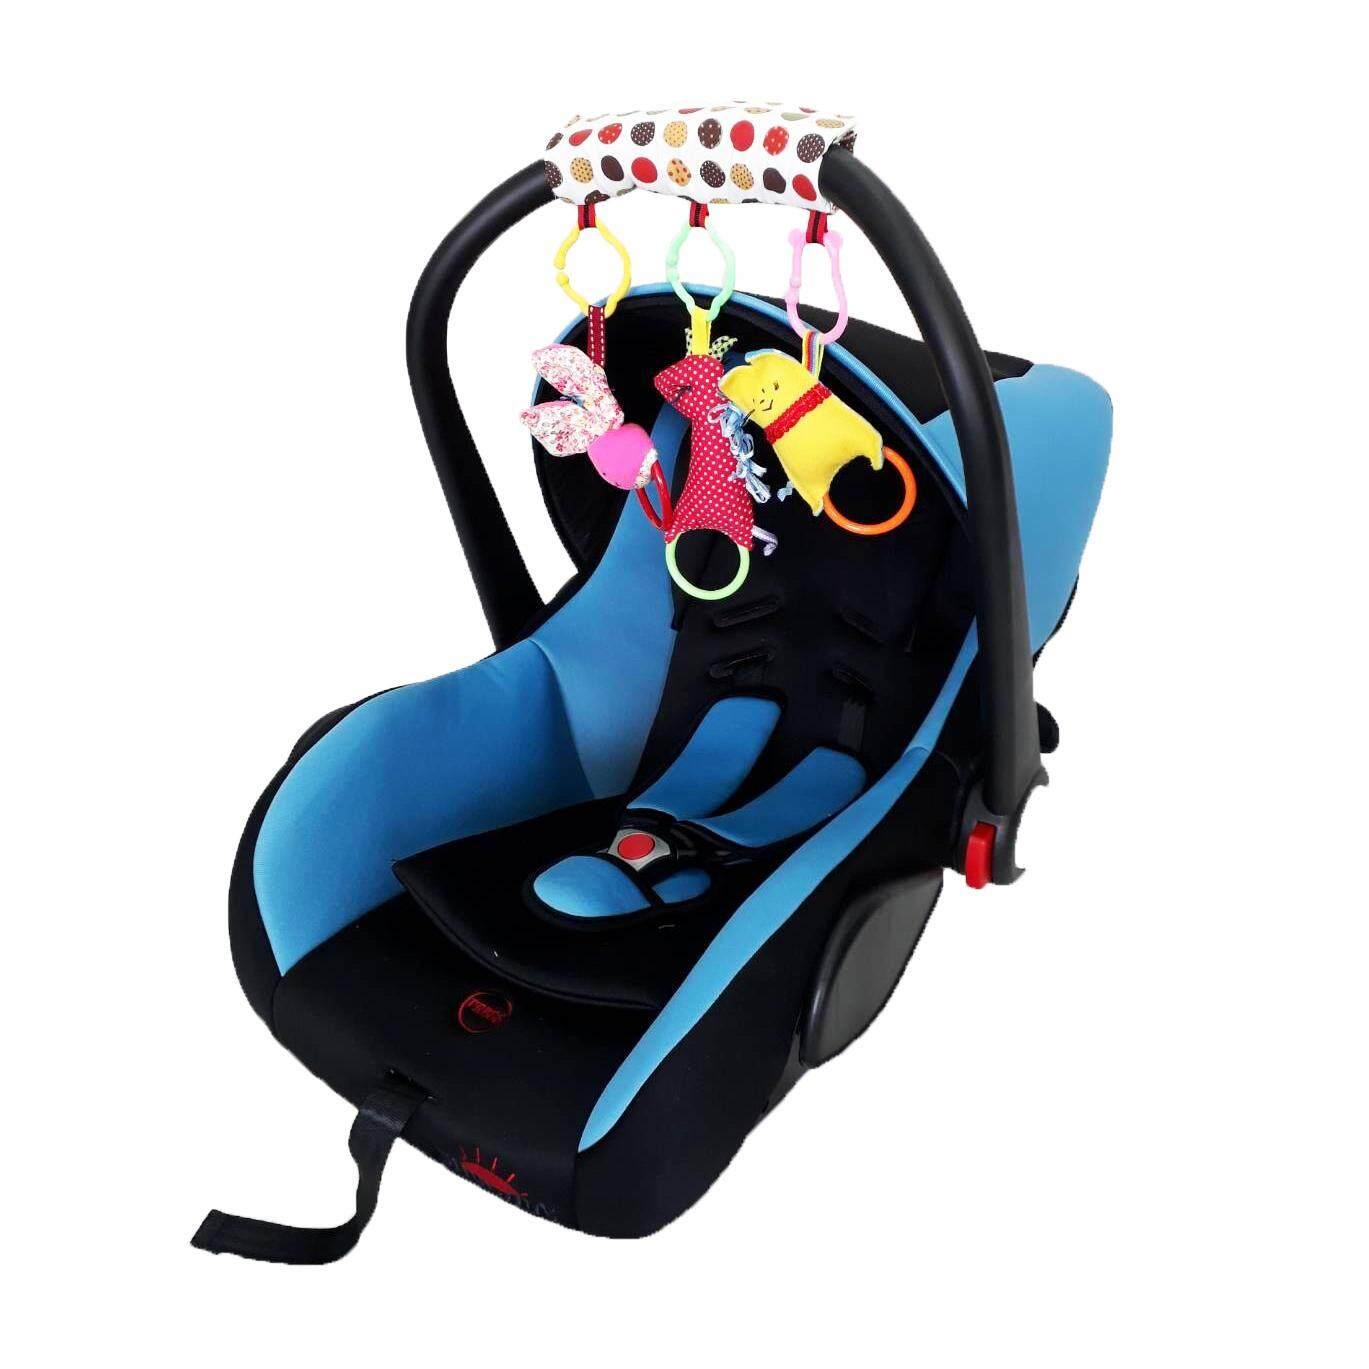 Chuchob car seat แบบกระเช้า สำหรับเด็กแรกเกิดขึ้น - 15 เดือน (สีฟ้า)